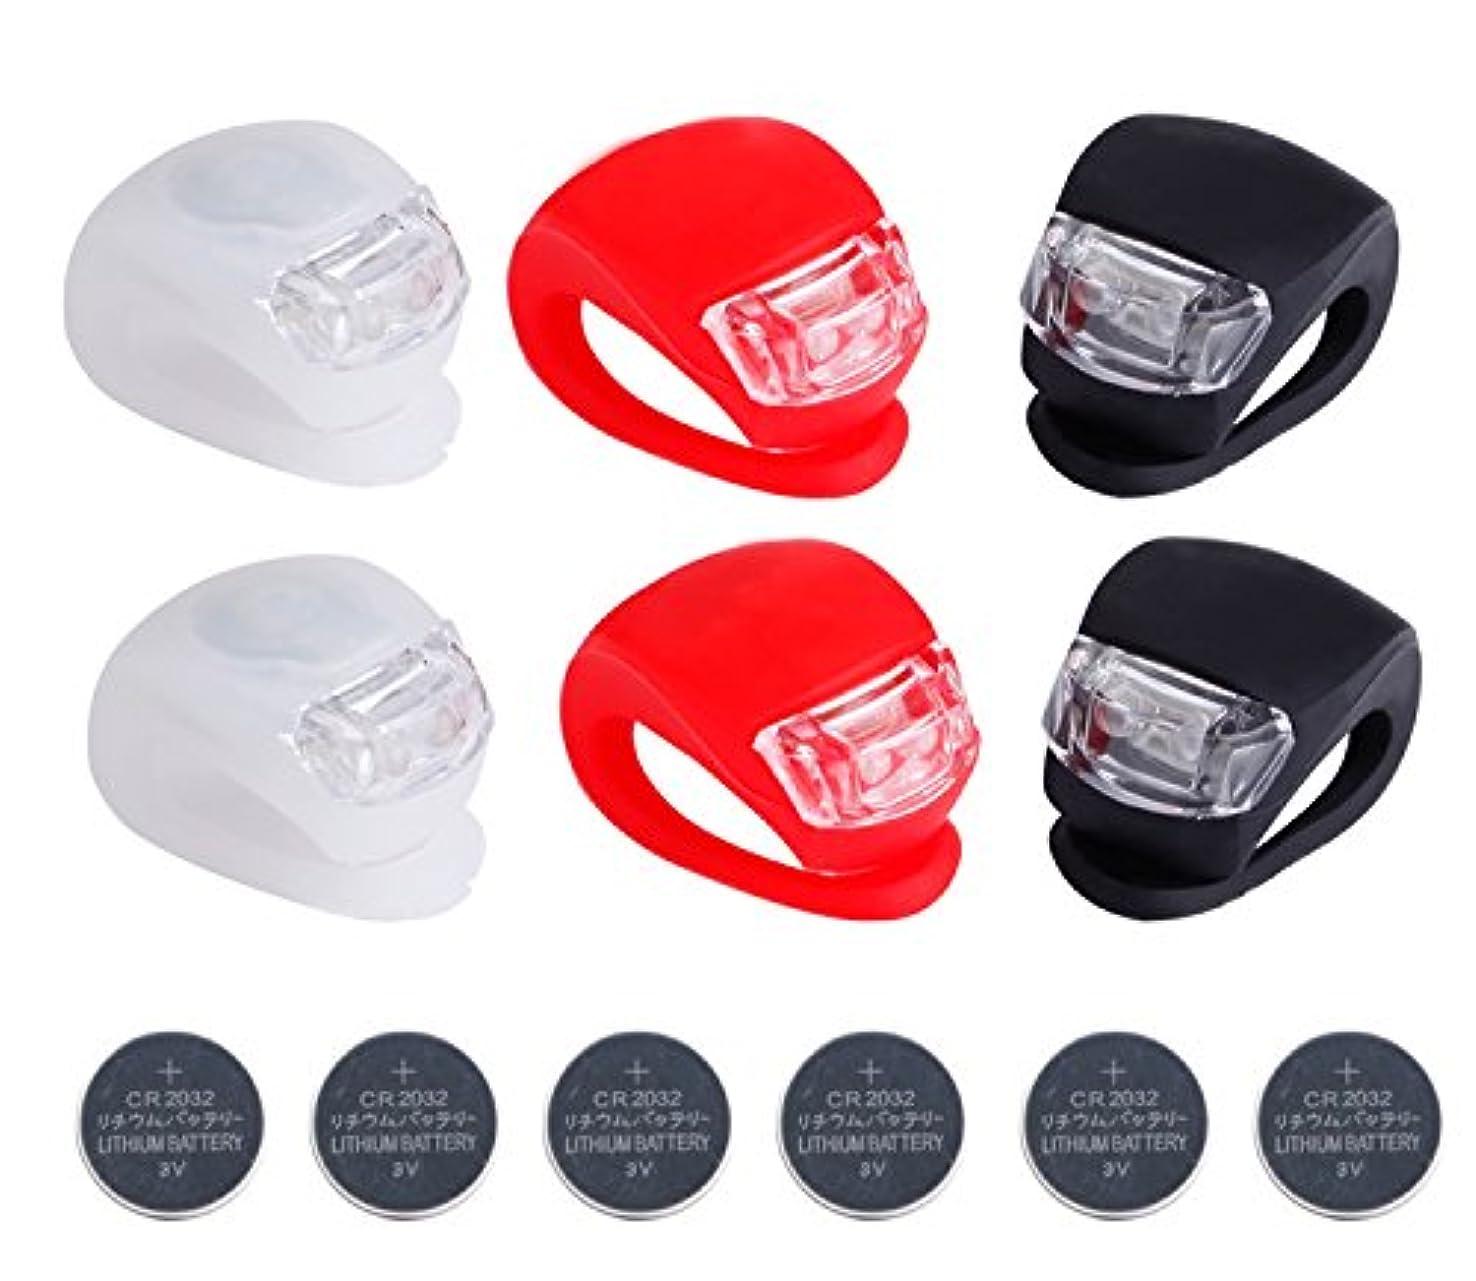 比較宗教的な変形Deruicent 6pcs/set Super Frog Silicone LED Bike Light Multi-purpose Water Resistant Headlight?????Red + White + Black + battery????? by Deruicent